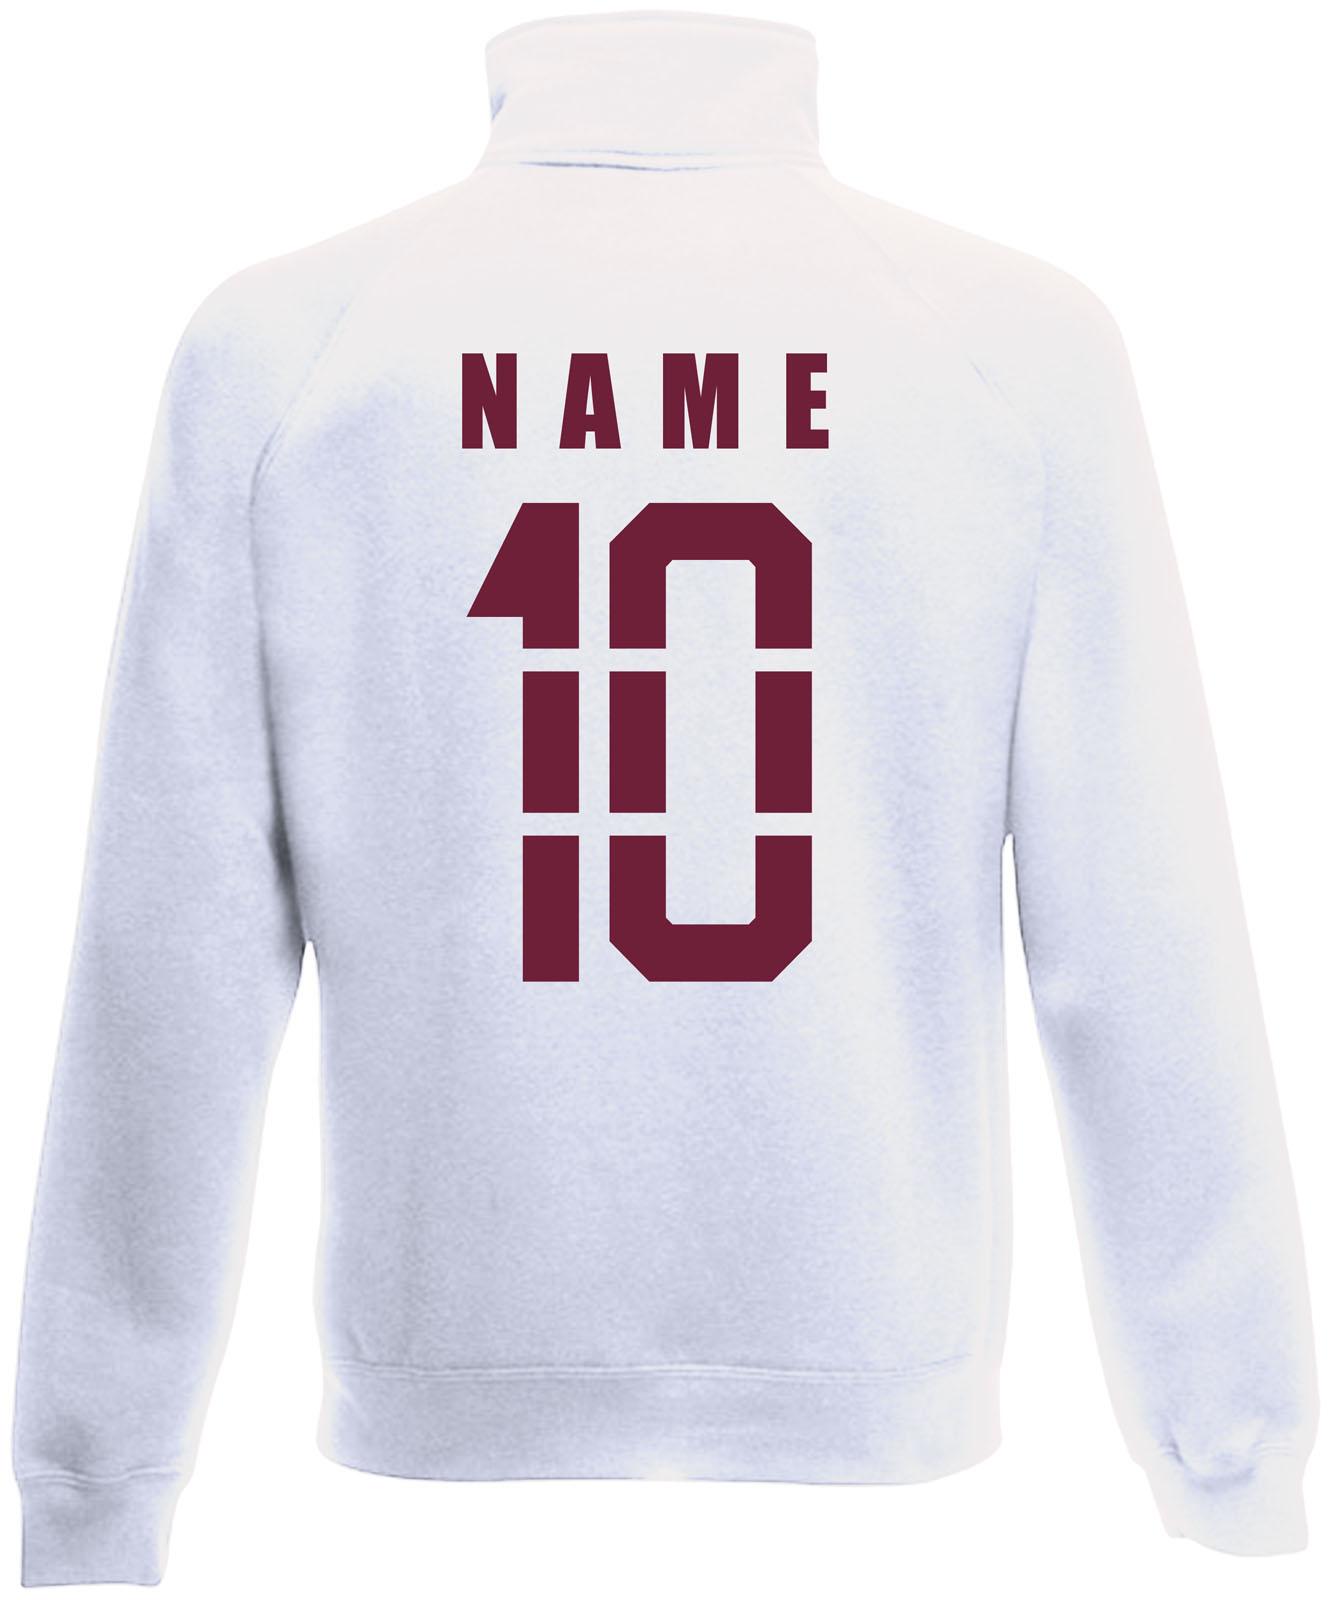 Gambie veste sweatjacke maillot avec Nom /& numéro s m l xl xxl